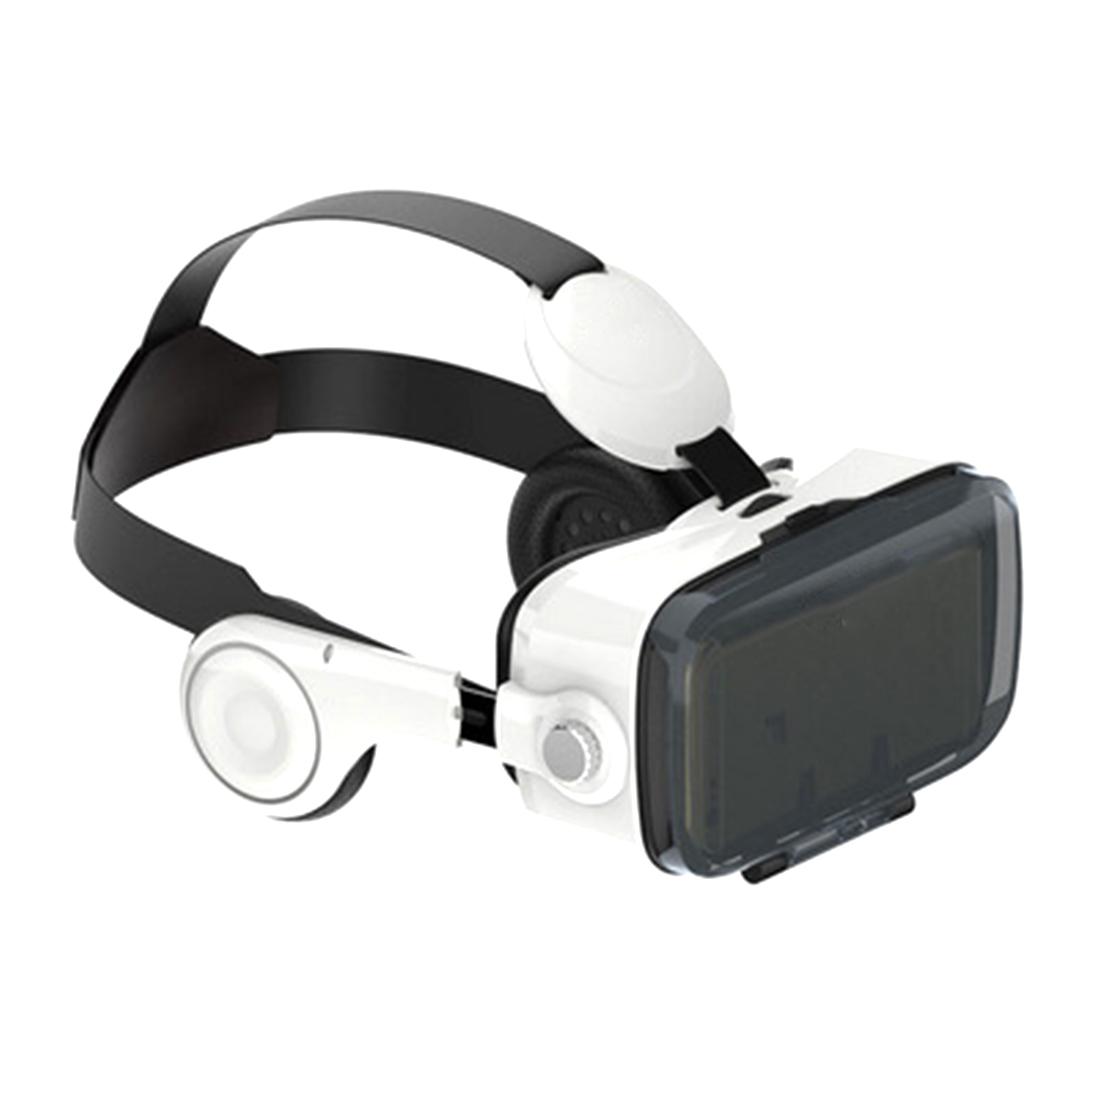 ถูก ความจริงเสมือน3D VRแว่นตาG Oogleกระดาษแข็งแว่นตากับหูฟังสำหรับ4.7-6.2นิ้วมาร์ทโฟน